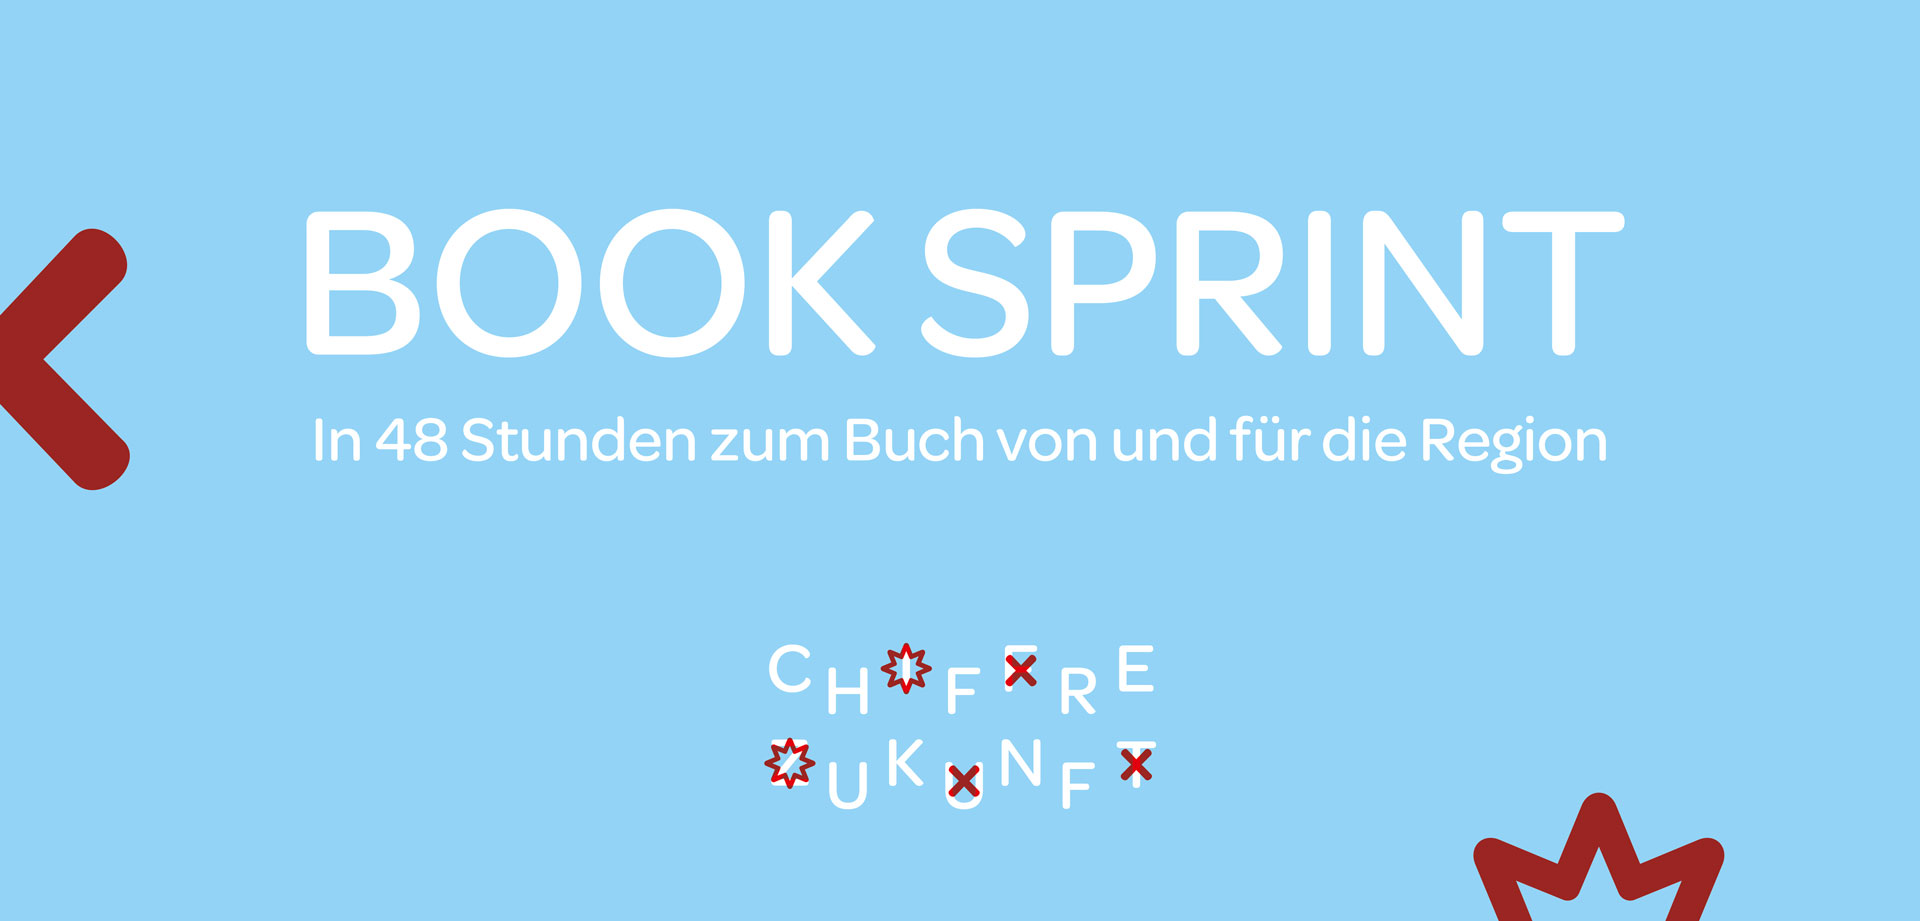 Book Sprint, in 48 Stunden zum Buch von und für die Region